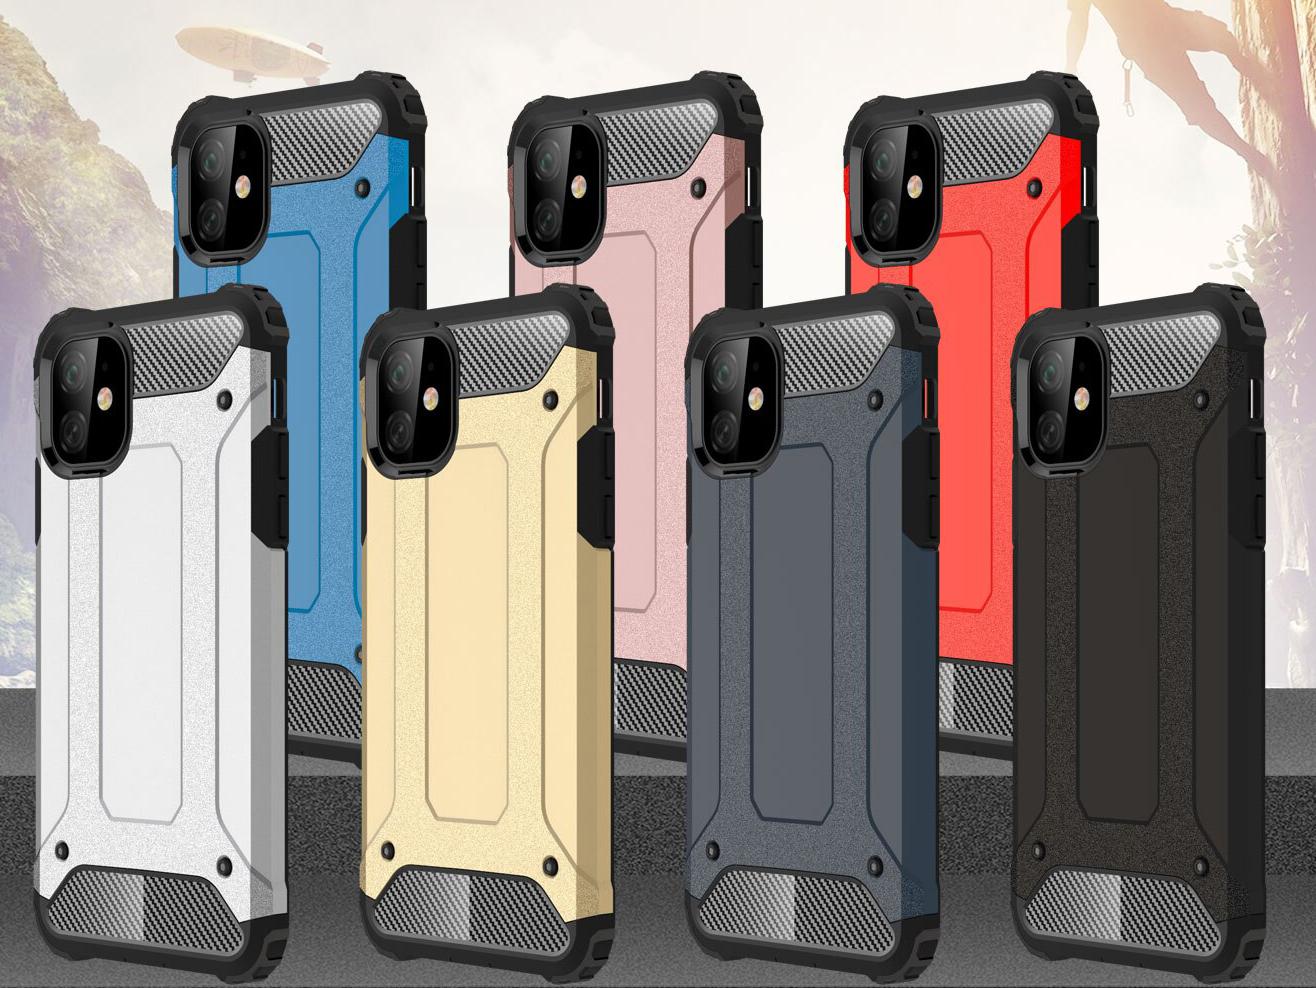 capa hibrida anti-choque iphone 11 pro max